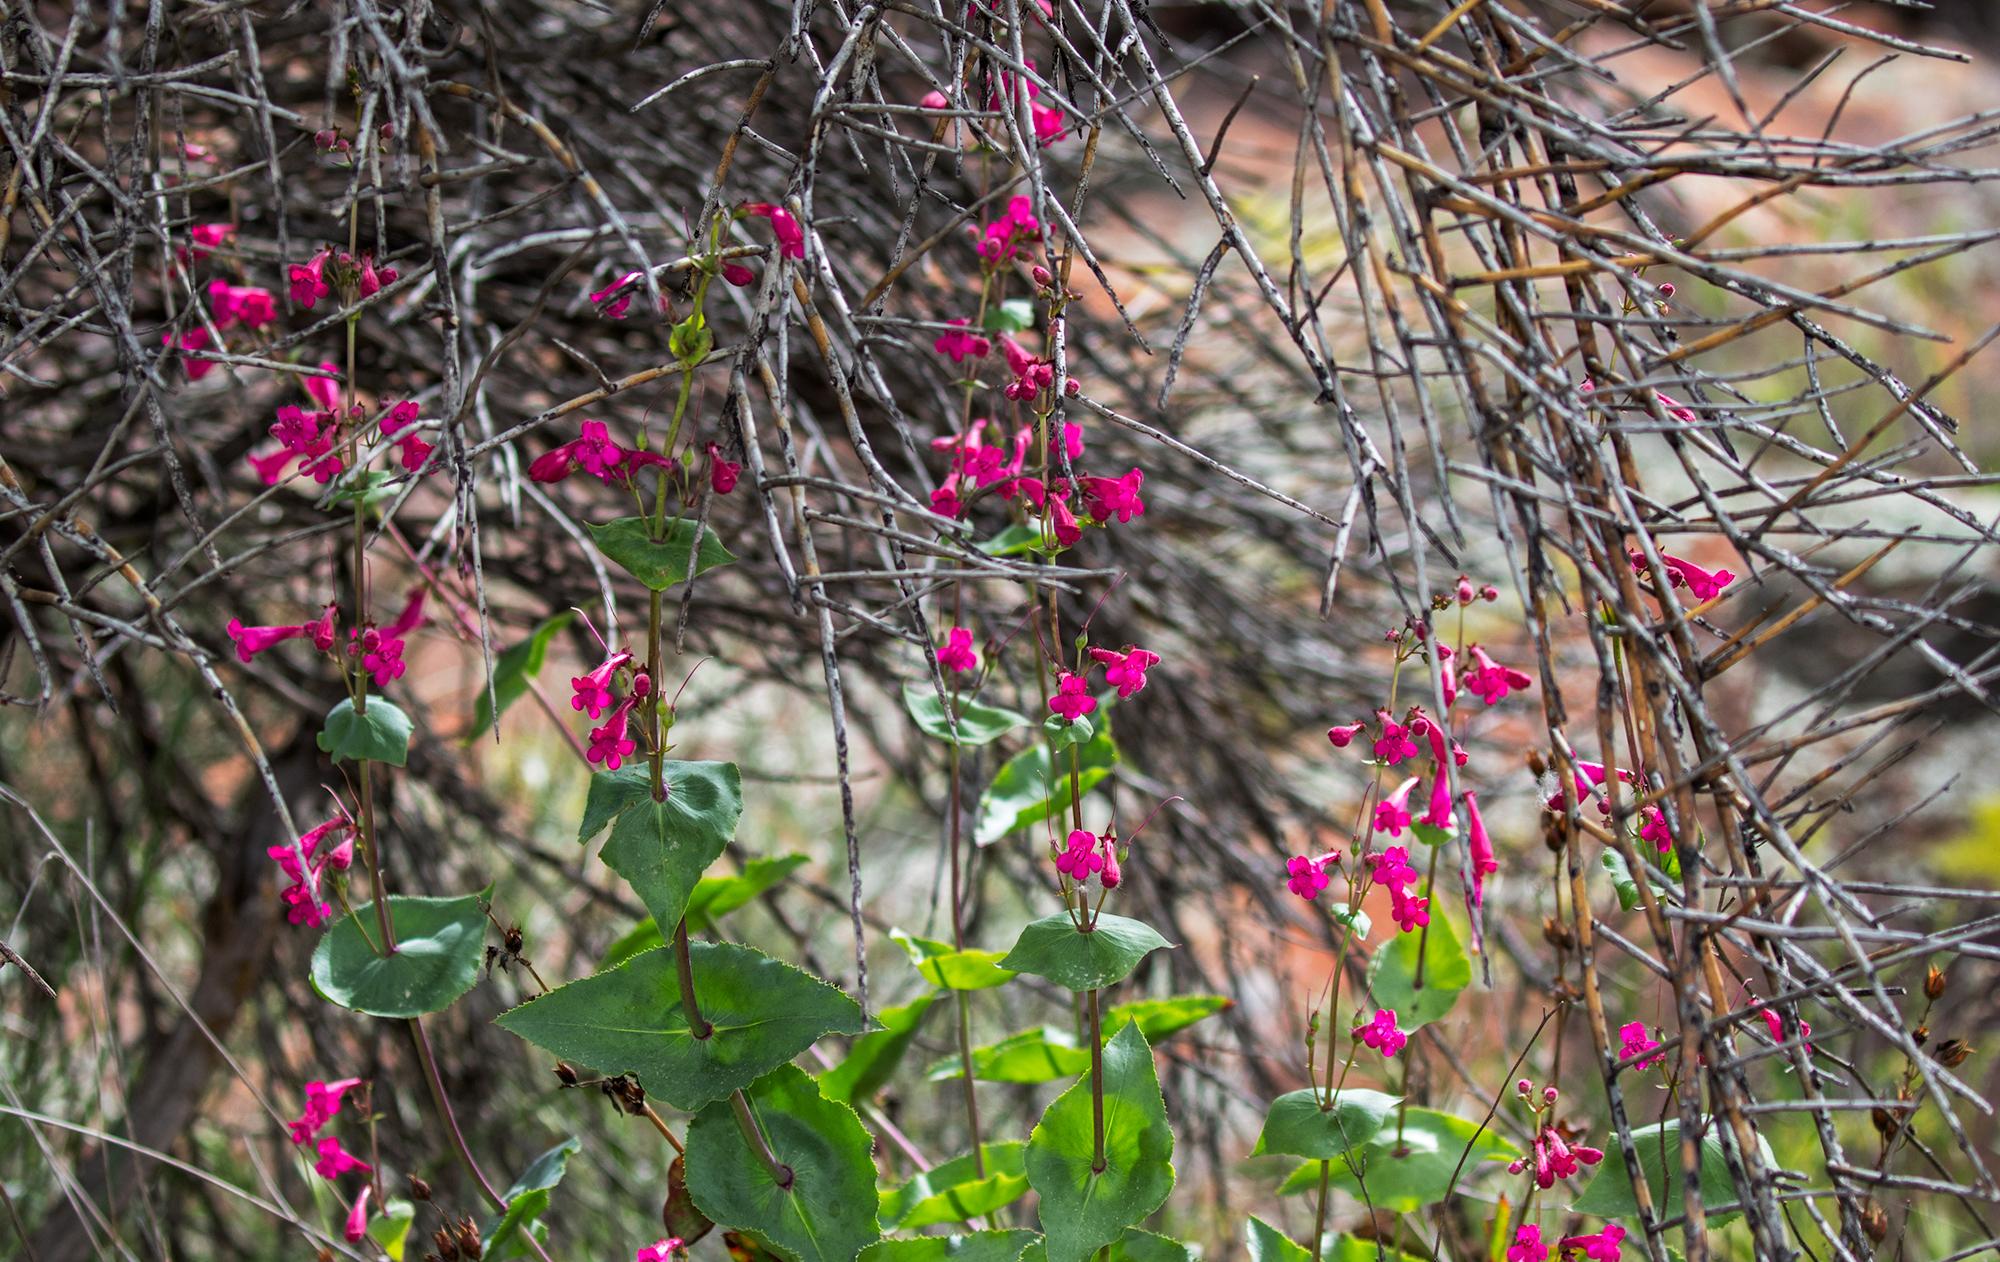 A-Flower-134-7D2-041017